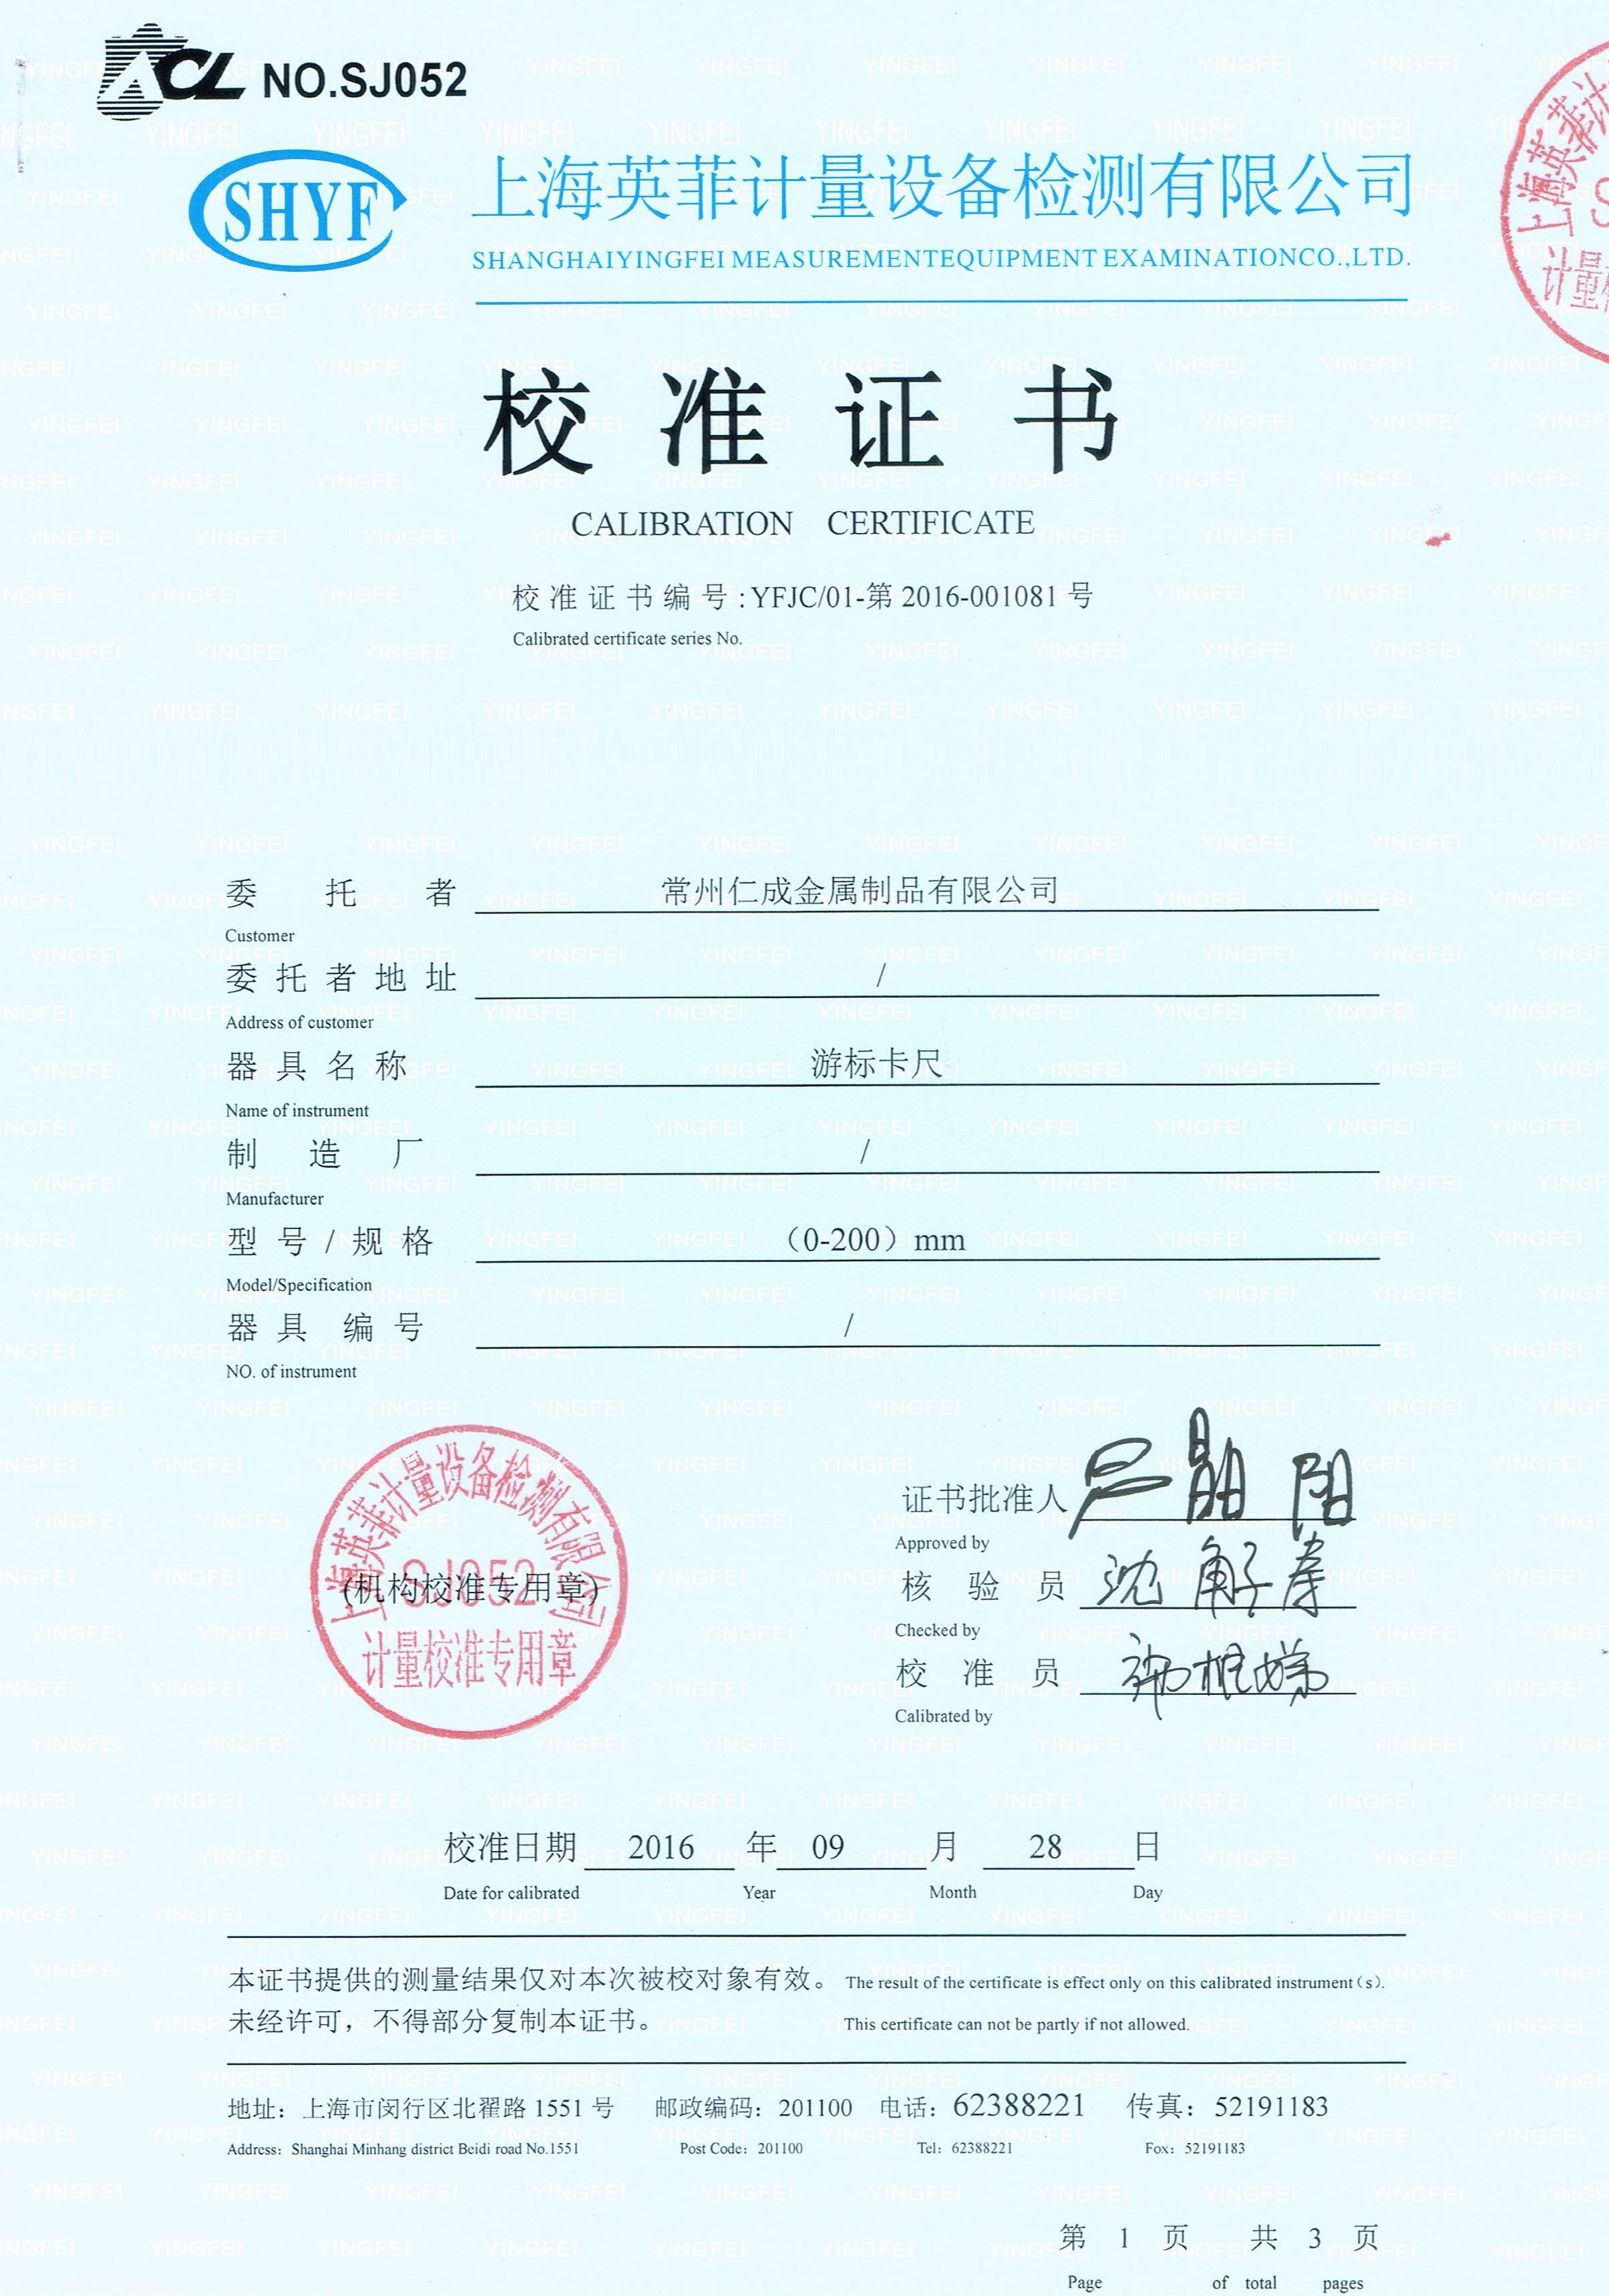 游标卡尺校准证书